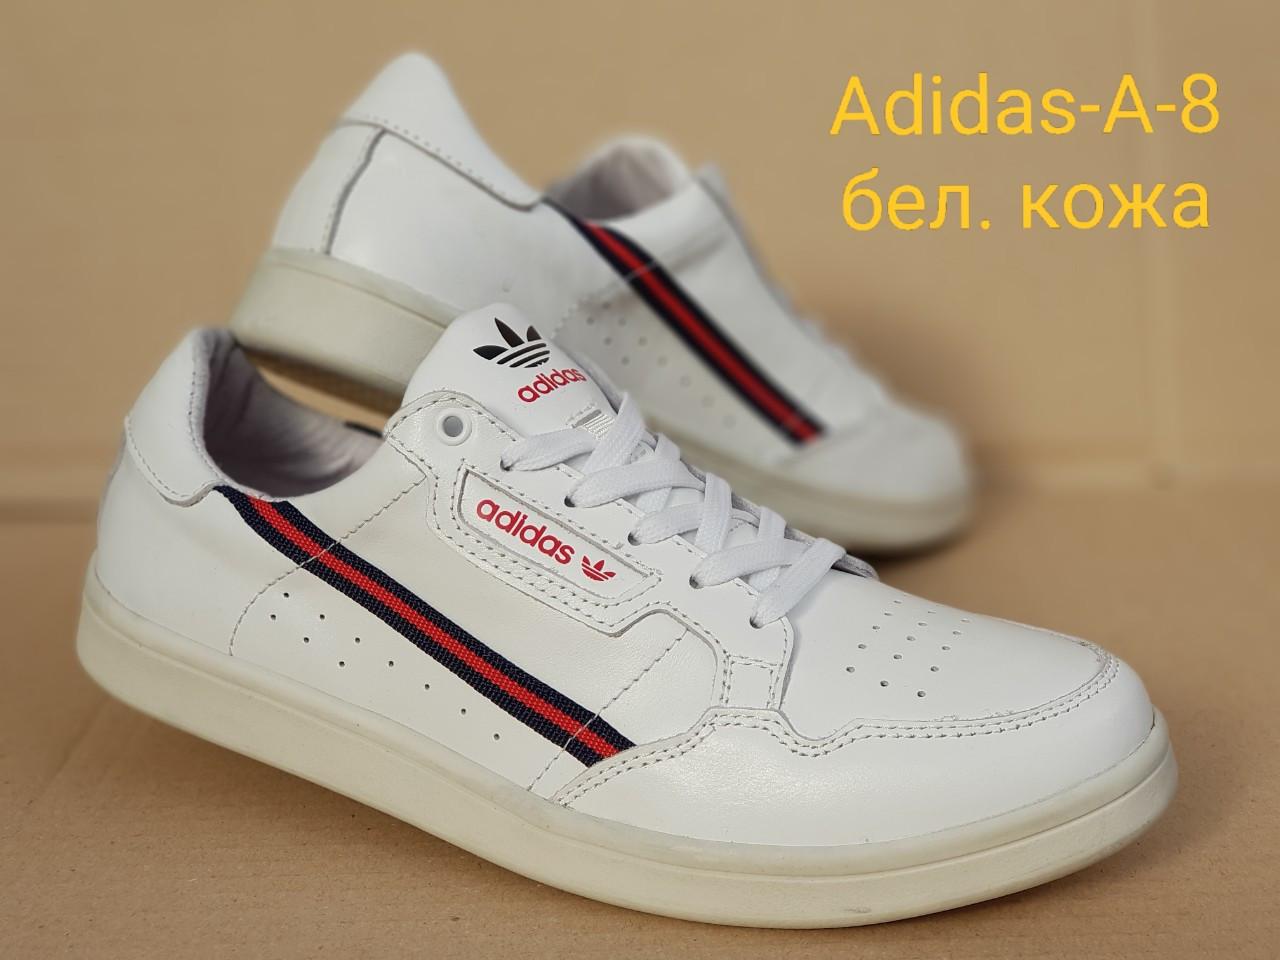 Демисезонные мужские кроссовки Adidas A-1 кожа белые